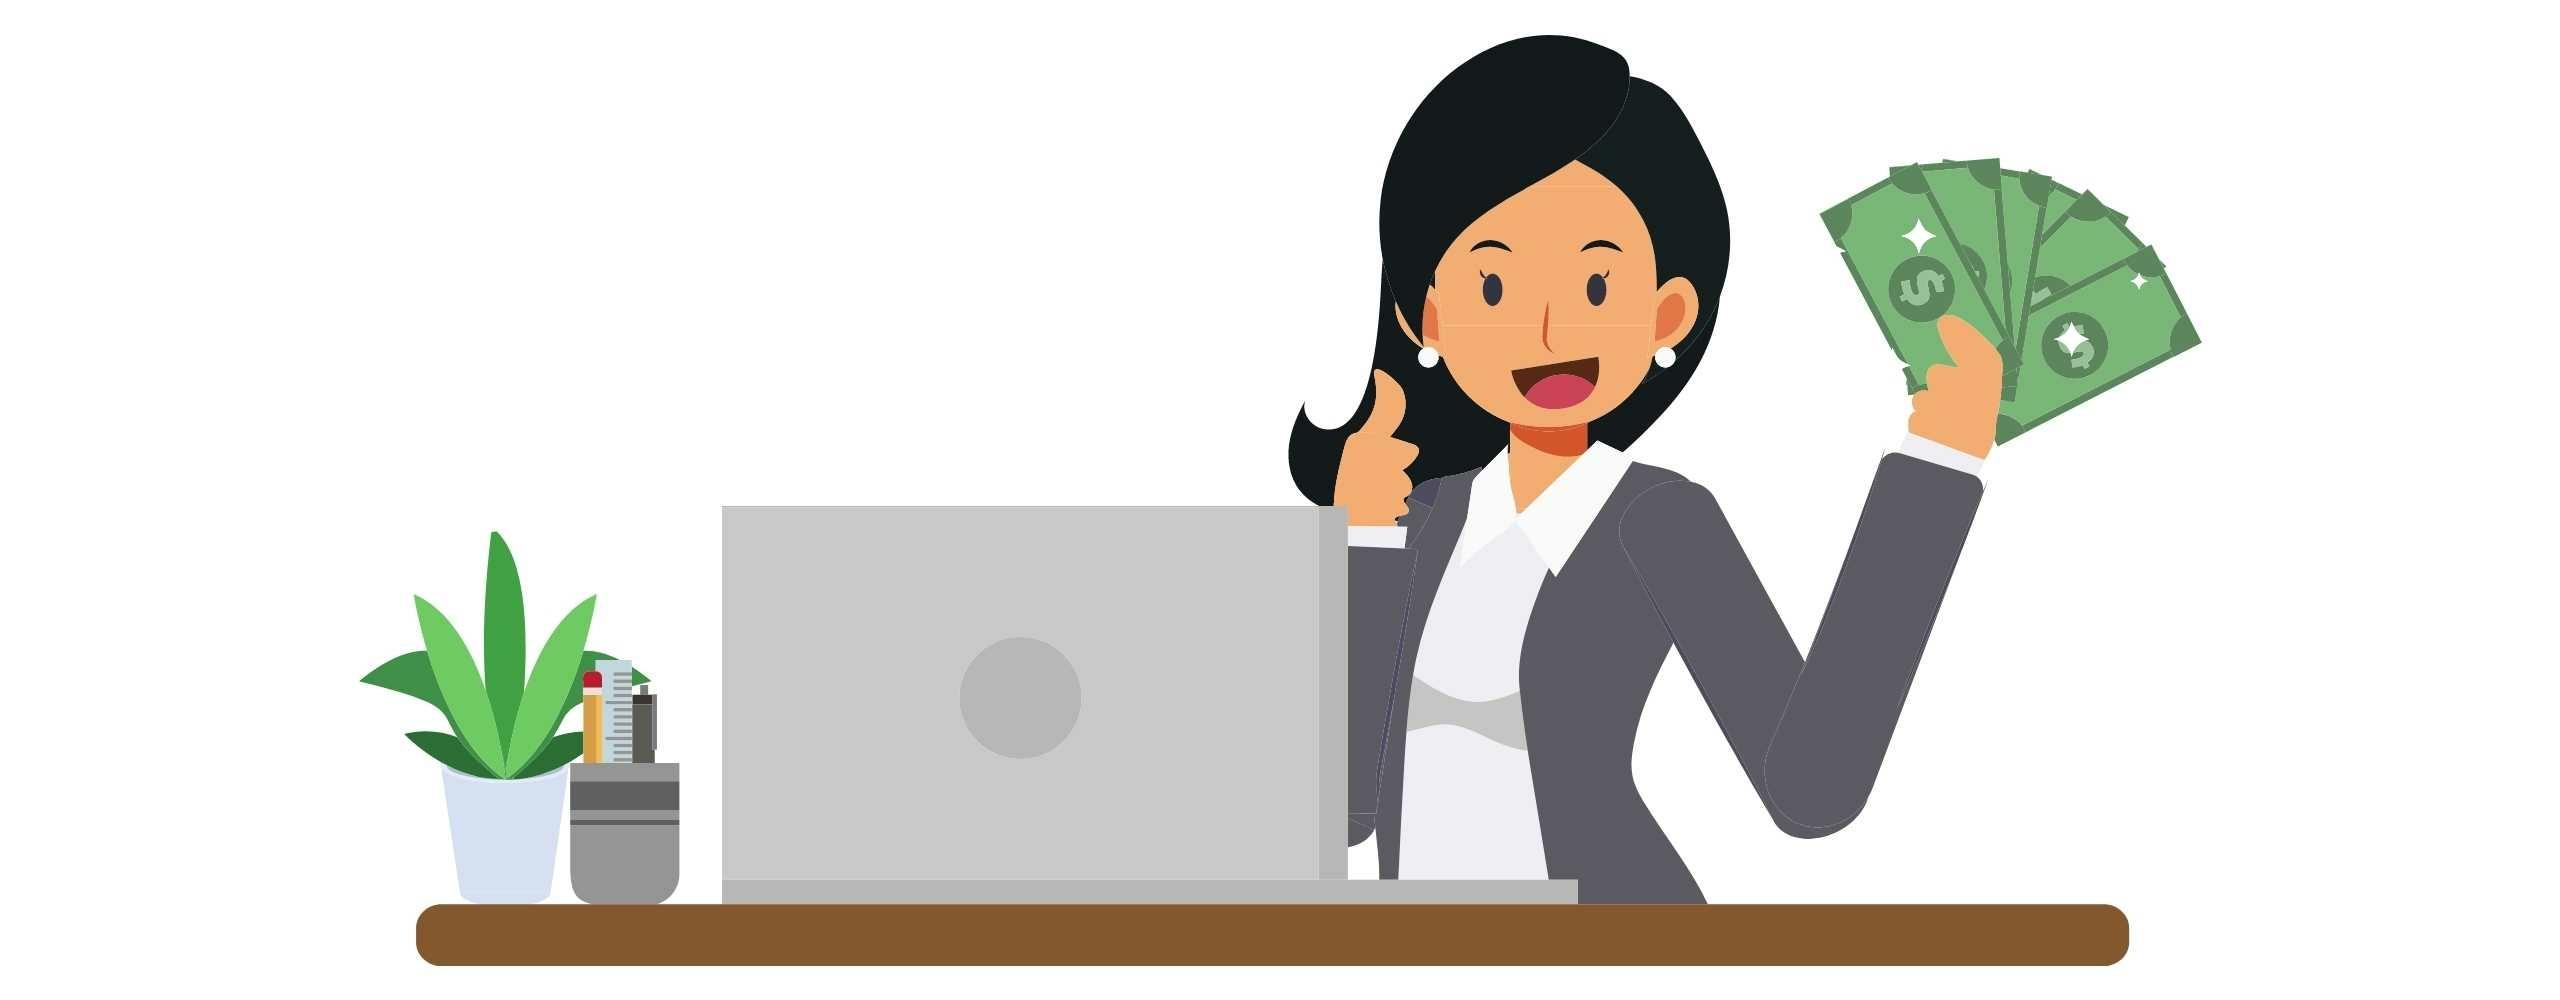 Online geld verdienen zonder investeringen met affiliate marketing